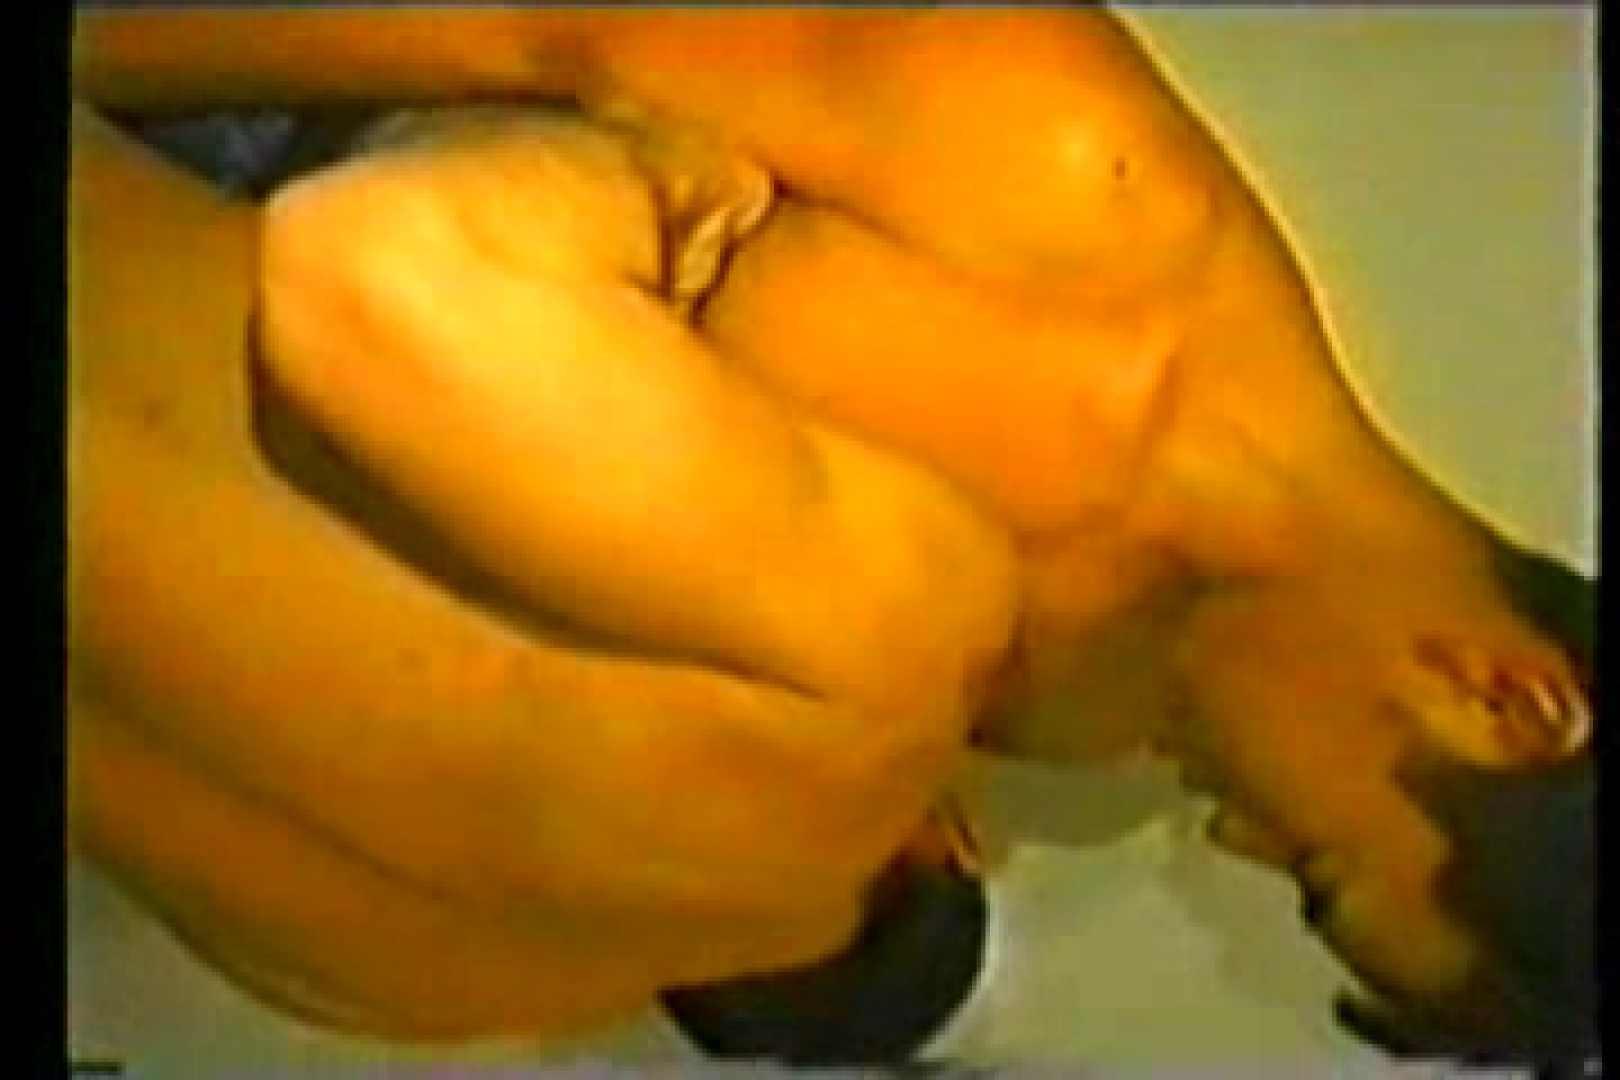 『ノンケ・スポーツマンシップとは・・・! ! 』 第10戦 マッチョ ゲイヌード画像 93画像 26